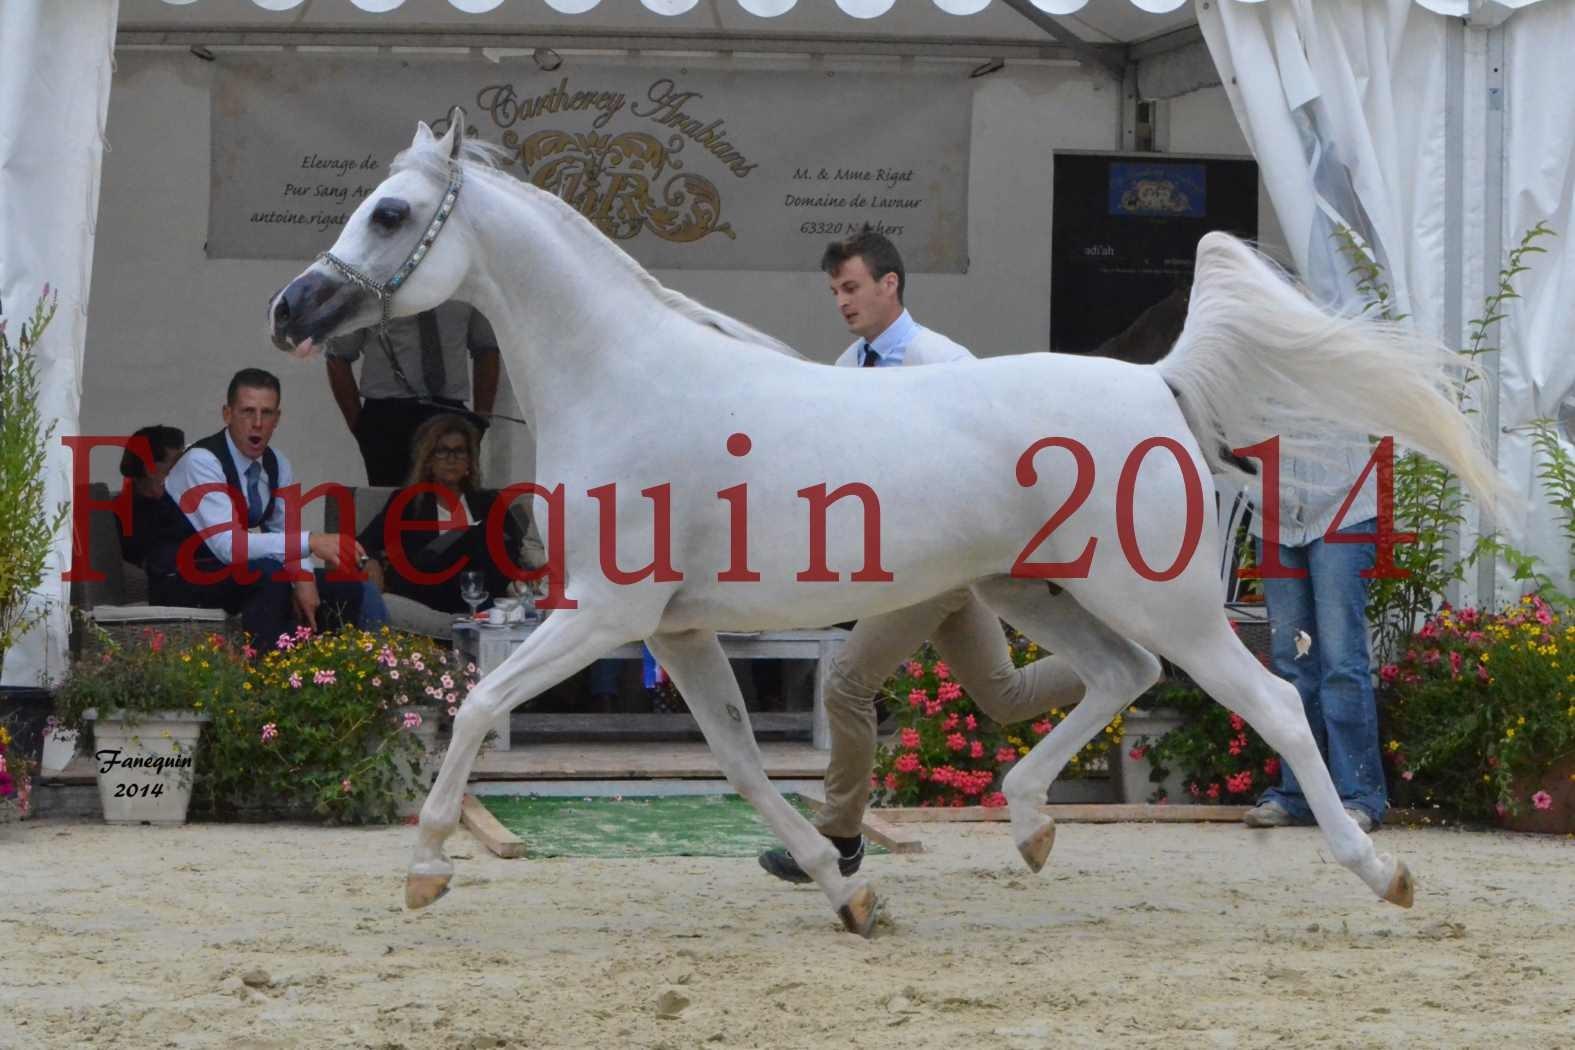 CHAMPIONNAT DE FRANCE 2014 A POMPADOUR - Notre Sélection - BLEUENN MILIN AVEL - 04